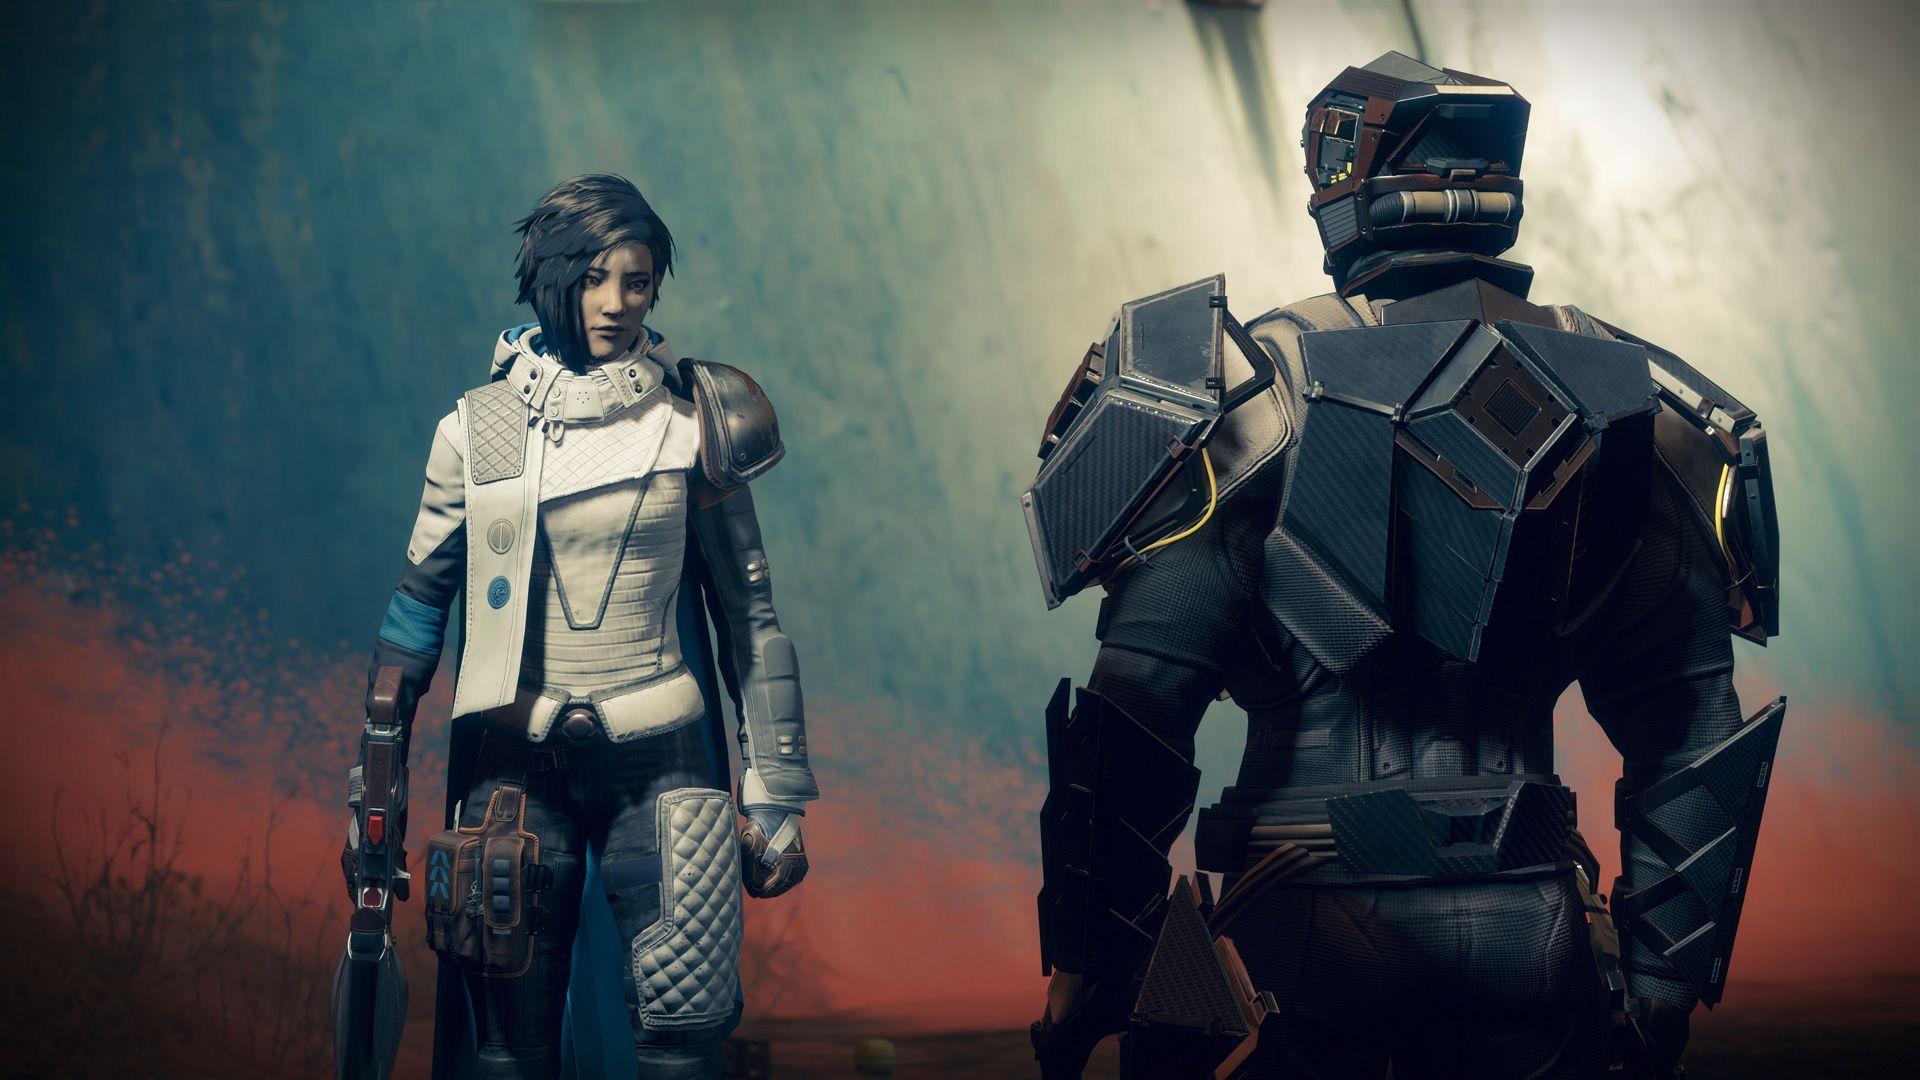 Destiny 2 Warmind Wallpapers Wallpaper Cave